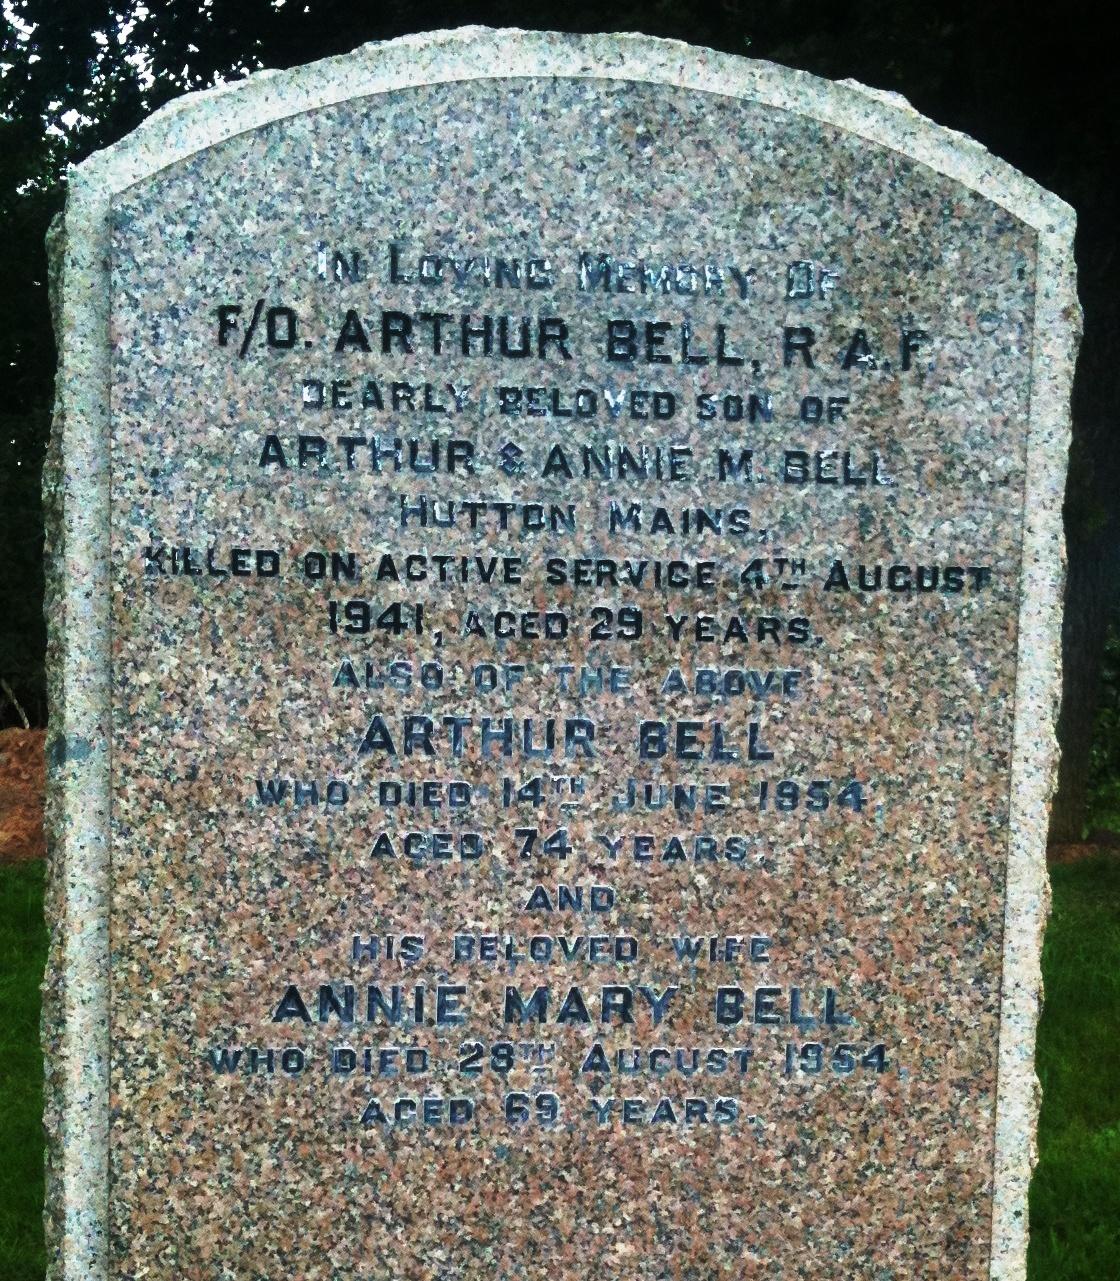 Sergeant Arthur Bell